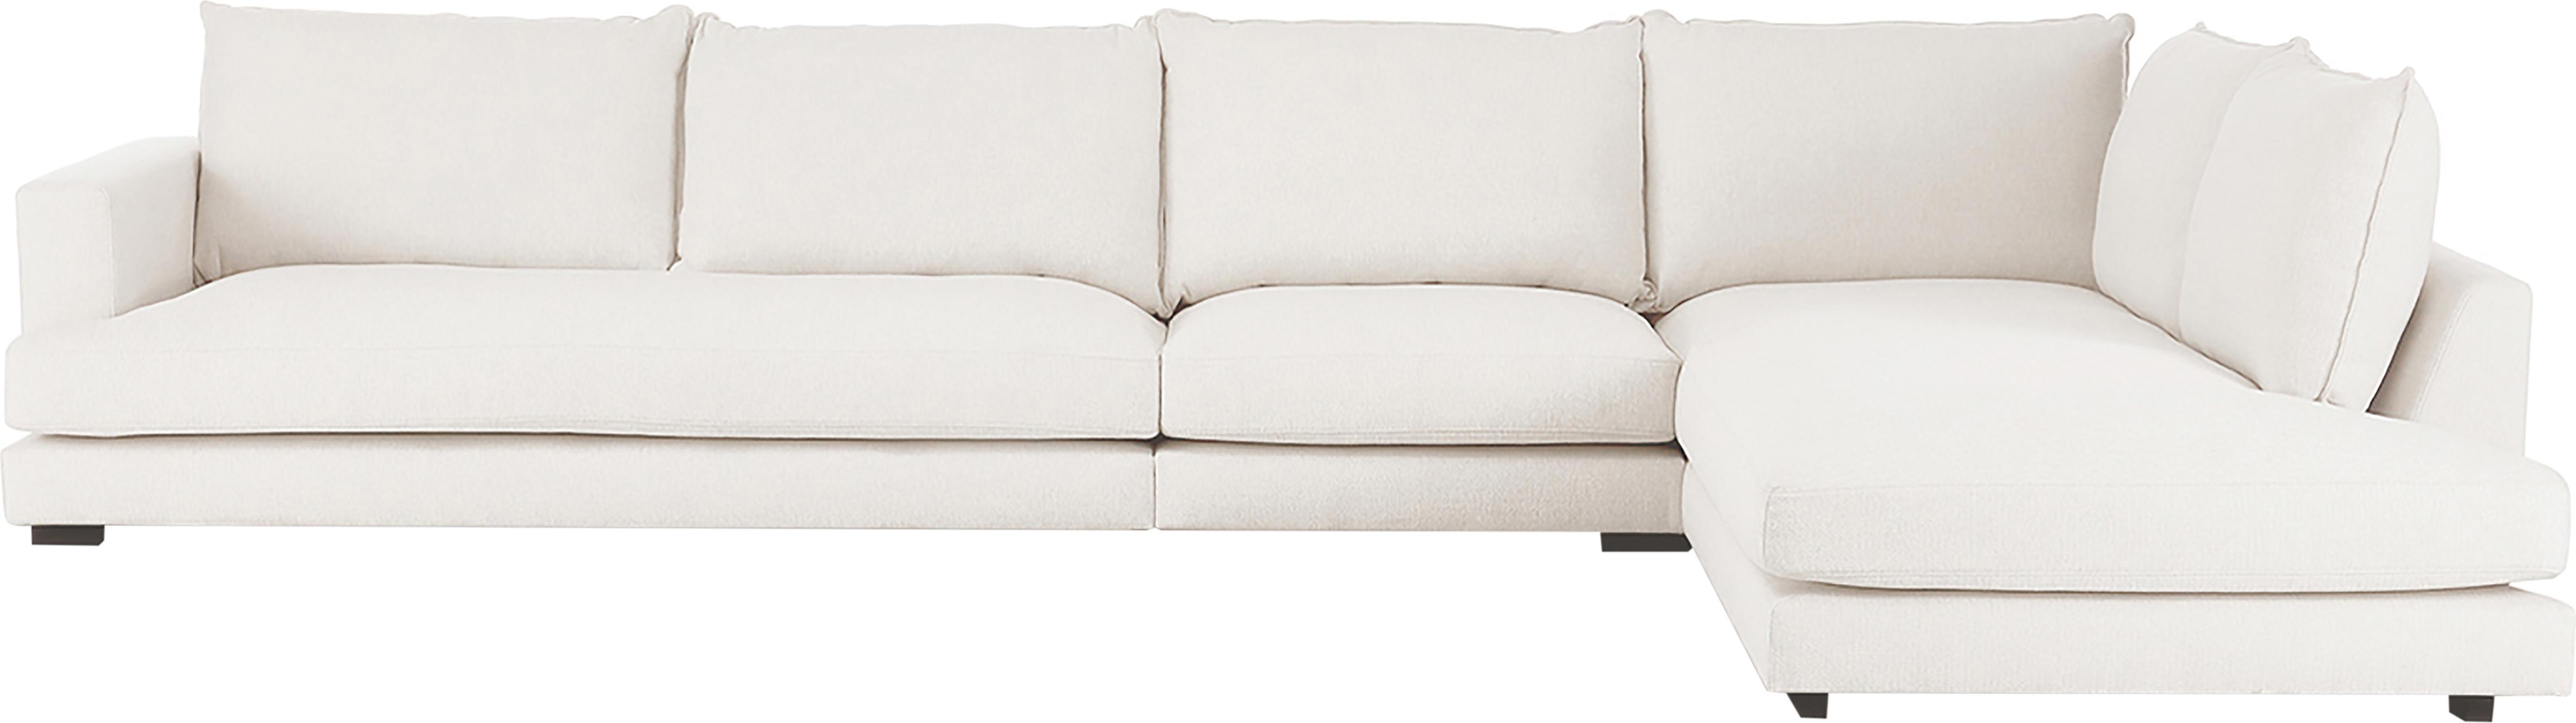 XL-Ecksofa Tribeca, Bezug: Polyester 25.000 Scheuert, Sitzfläche: Schaumpolster, Fasermater, Gestell: Massives Kiefernholz, Webstoff Beige, B 405 x T 228 cm